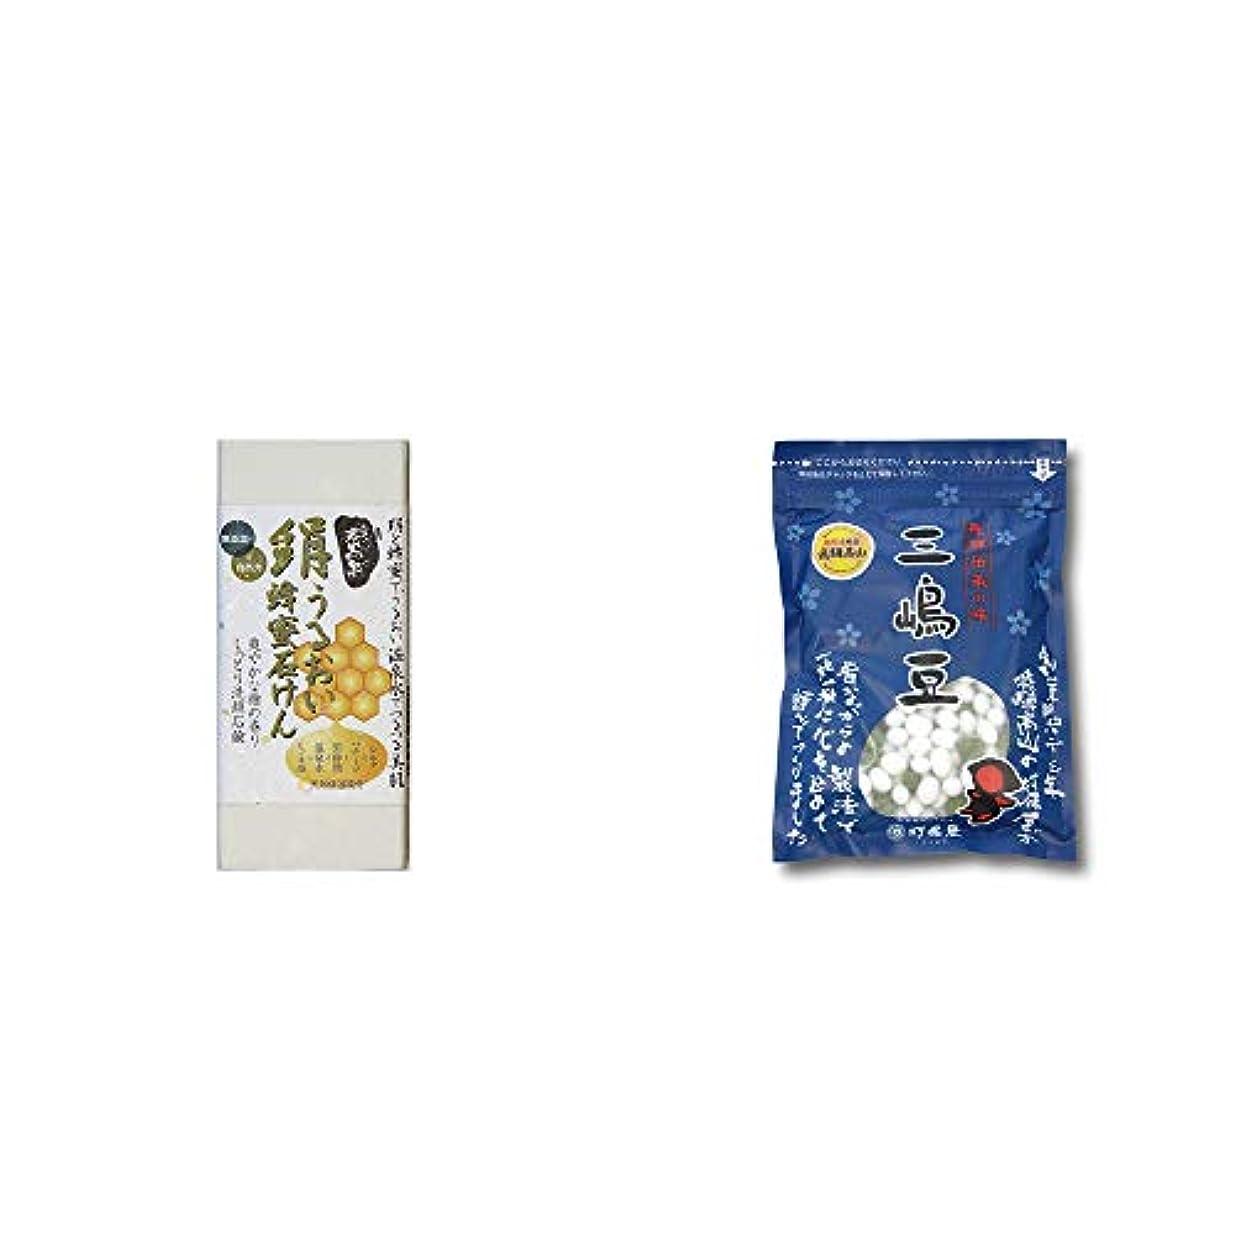 実験的漏れアクション[2点セット] ひのき炭黒泉 絹うるおい蜂蜜石けん(75g×2)?飛騨 打保屋 駄菓子 三嶋豆(150g)